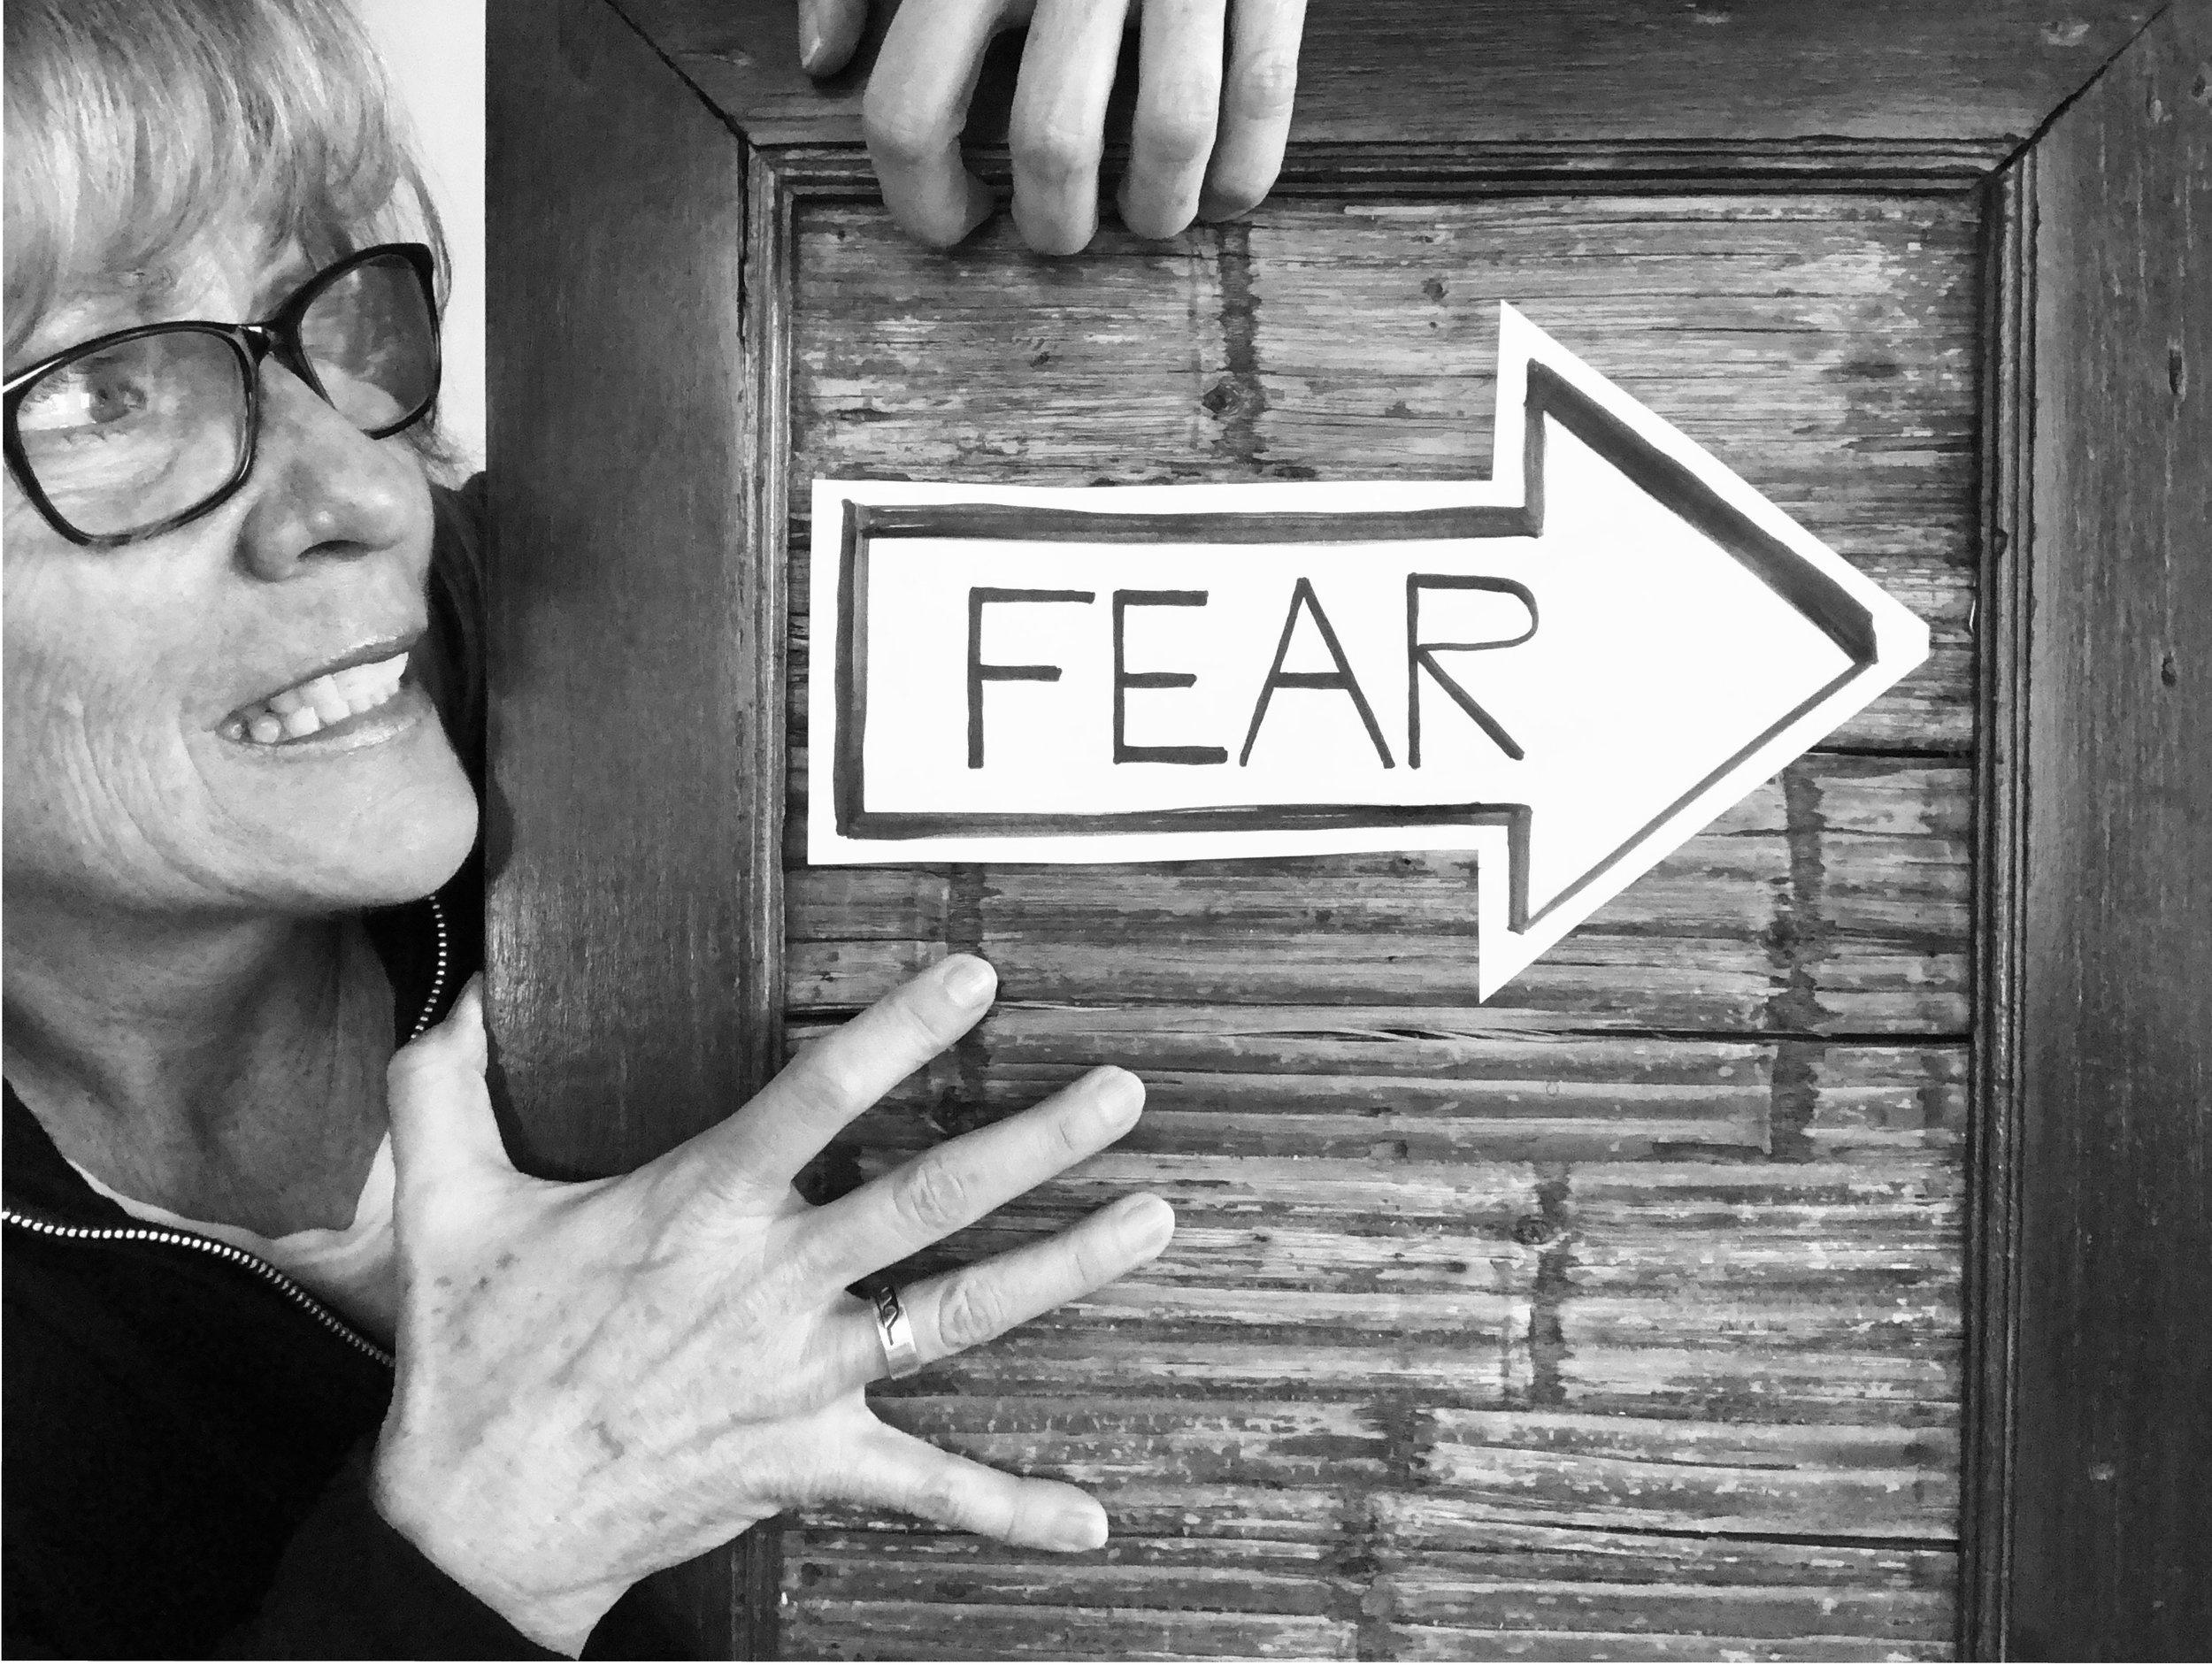 Fear-bw.jpg